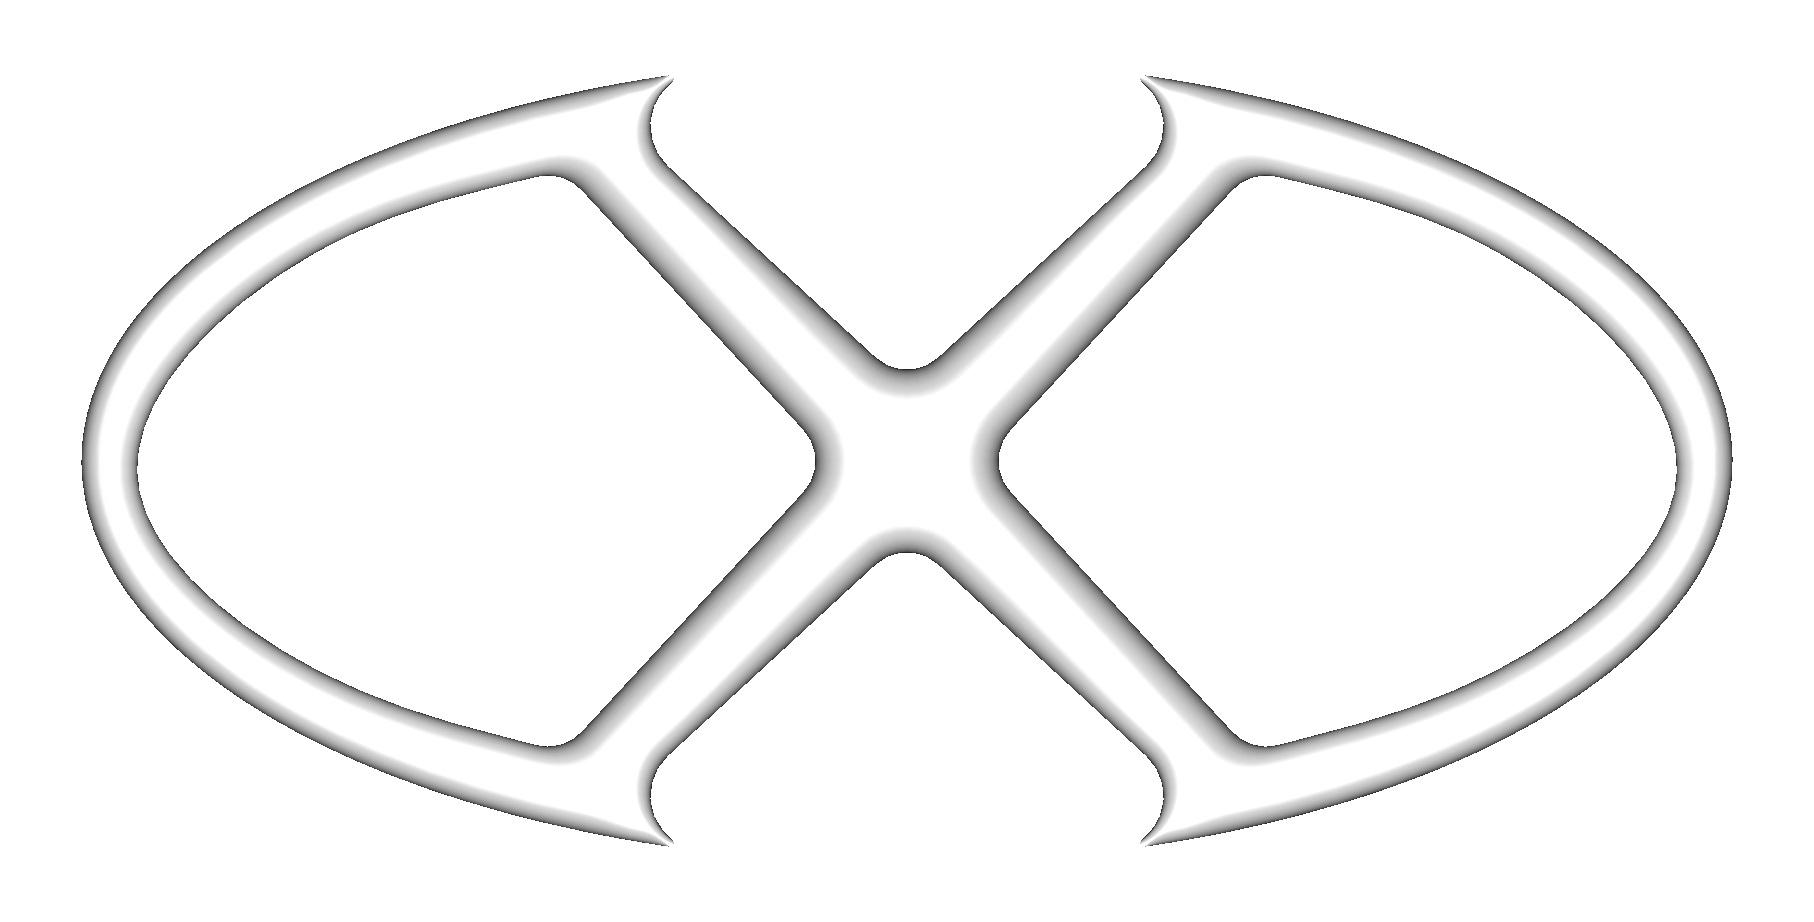 MX83 Clutch Pedal - RHD